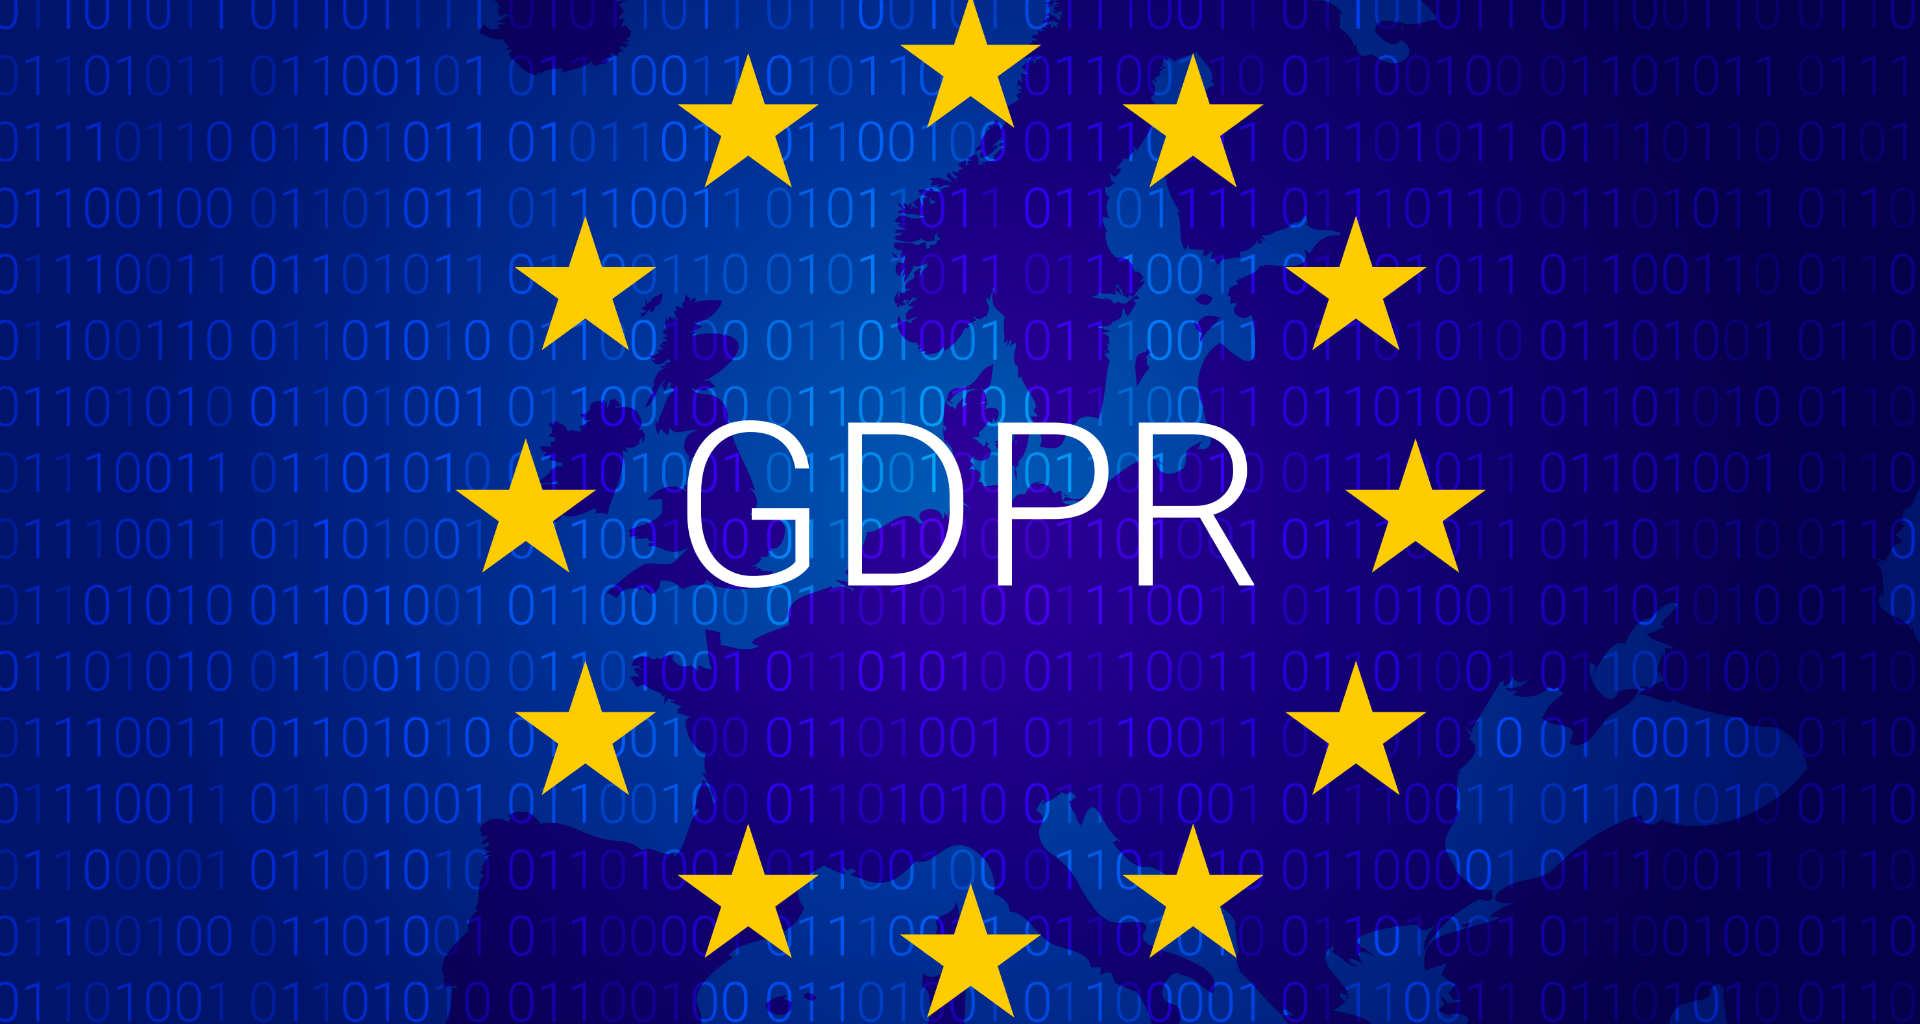 iščete strokovnjaka za implementacijo GDPR Pomagali vam bomo najti strokovnjaka za implementacijo GDPR v vašem podjetju